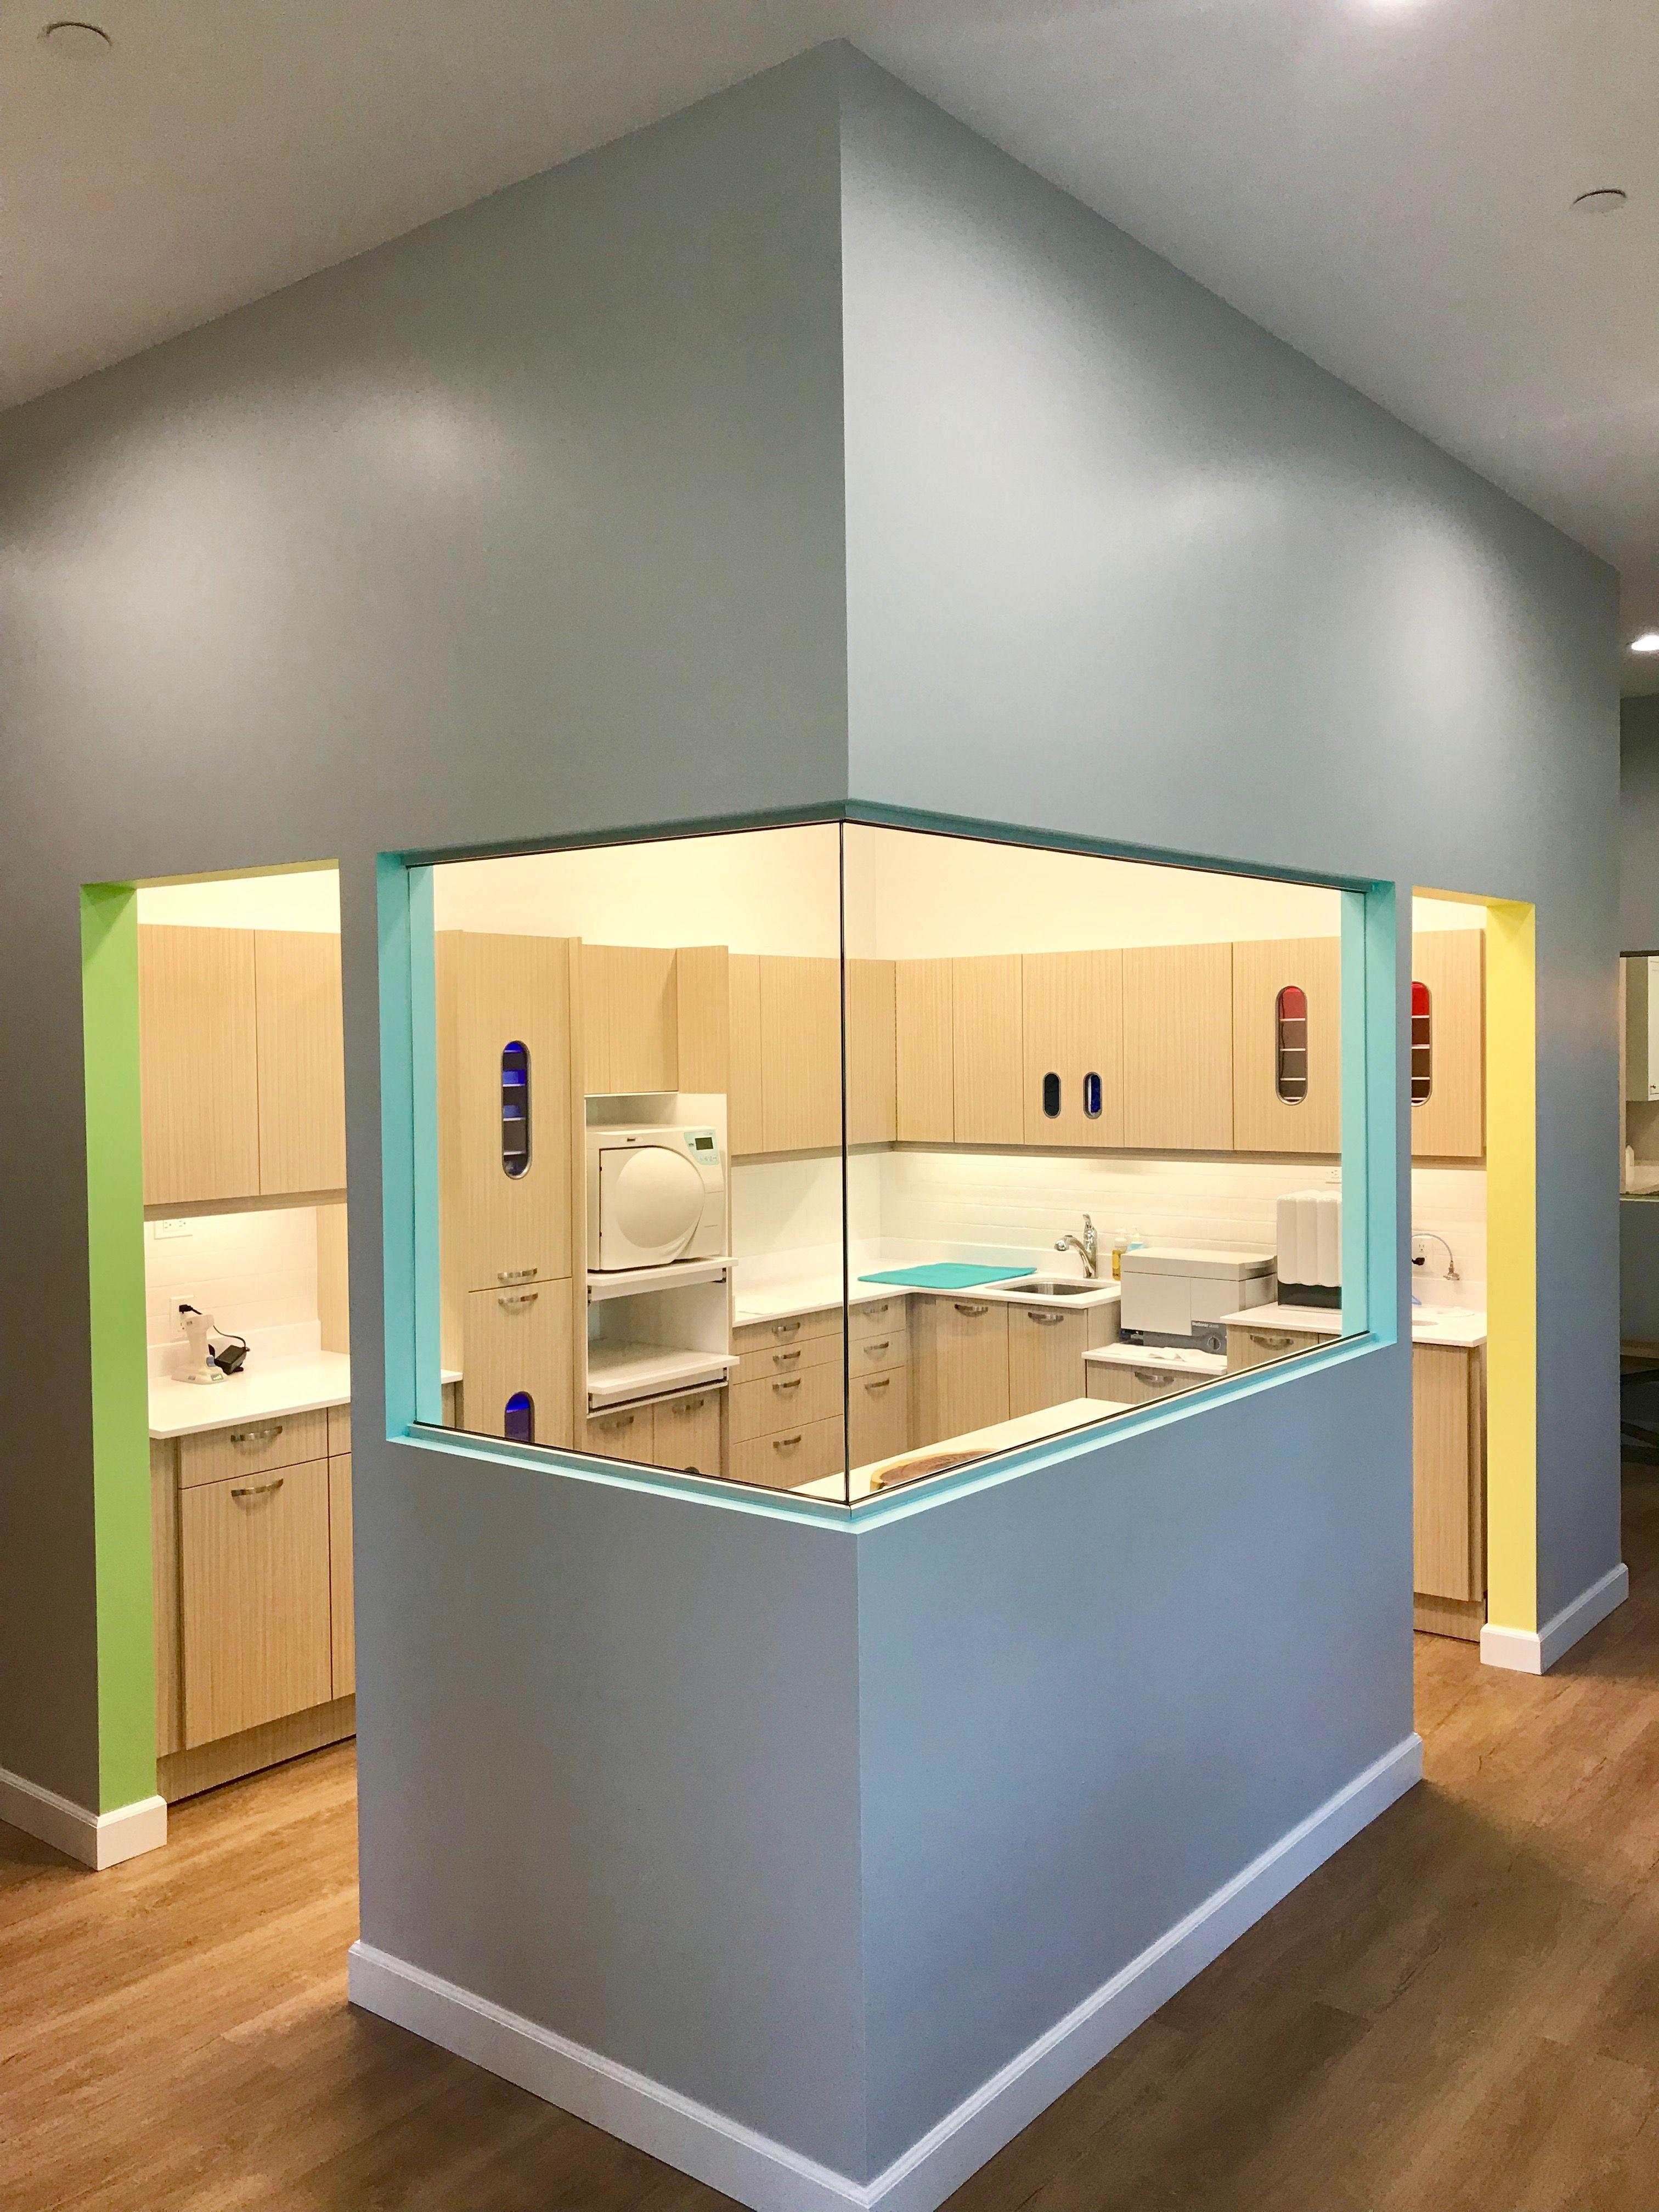 Mcc Sterilization Center By Ben Oliver Henry Schein Dental